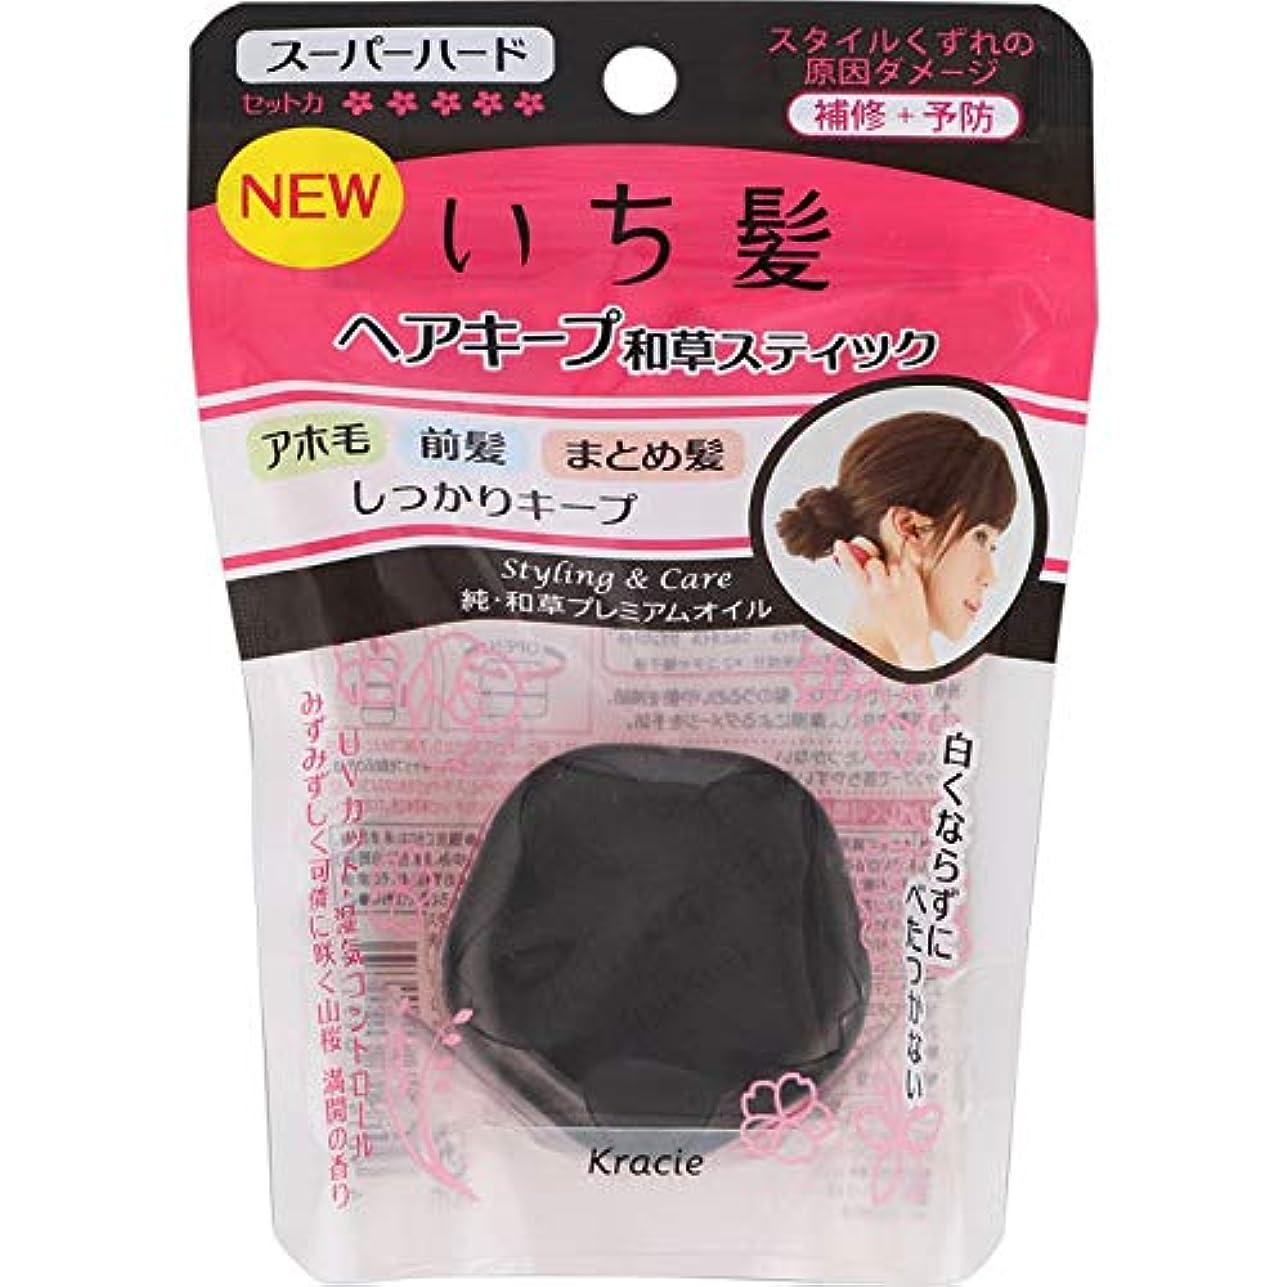 シャー不測の事態エスカレーターいち髪 ヘアキープ和草スティック(スーパーハード) × 8個セット